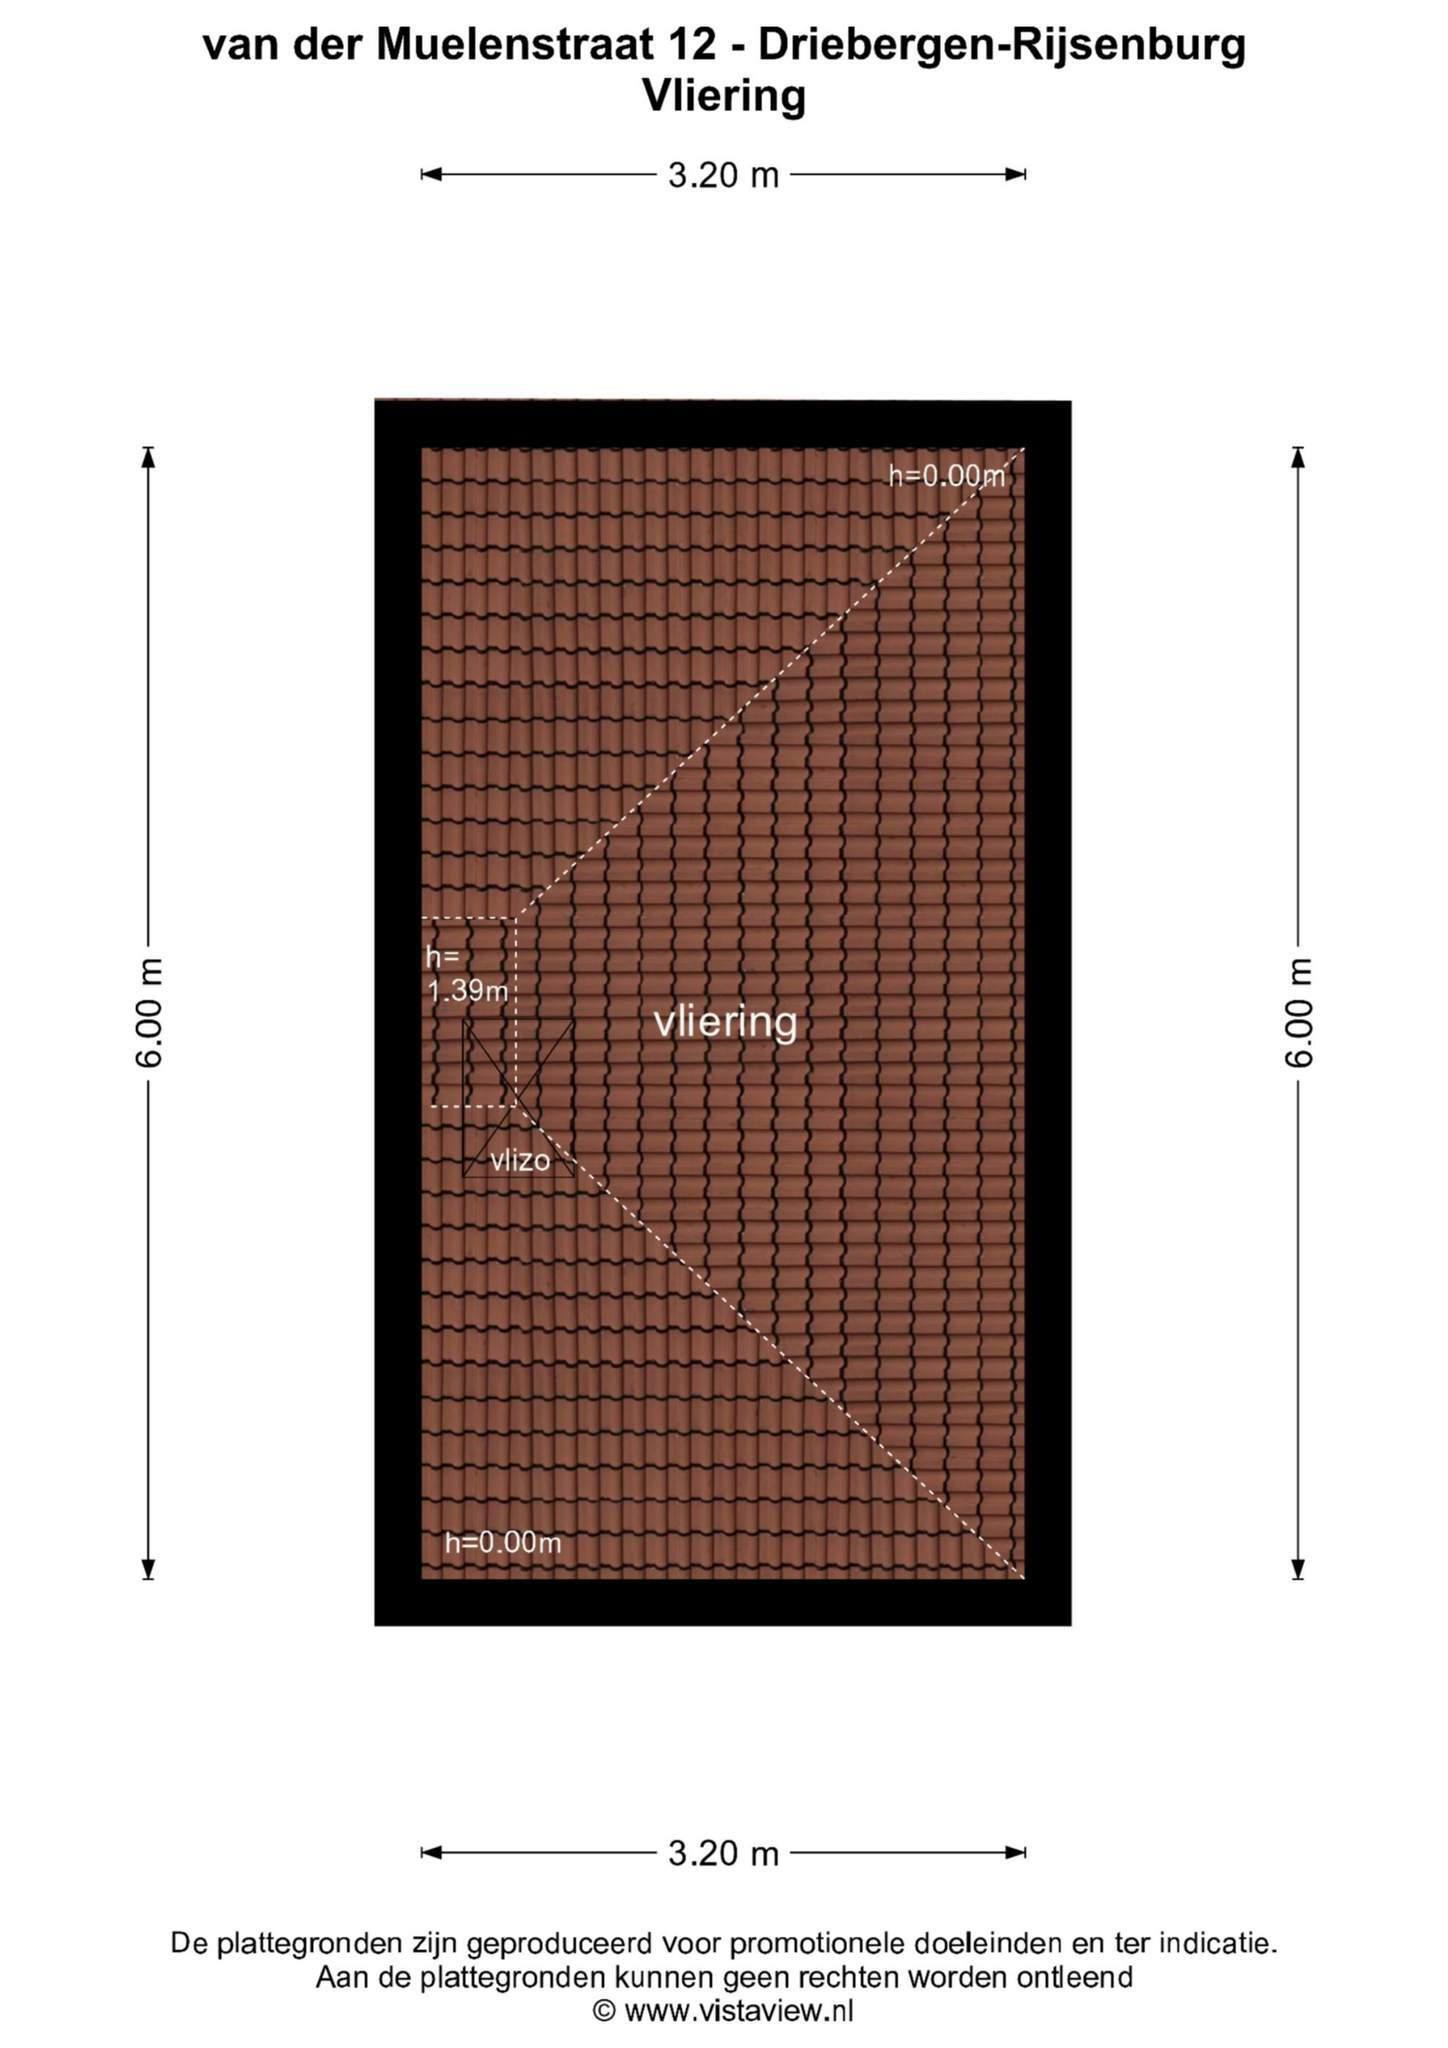 Plattegrond van der Muelenstraat 12